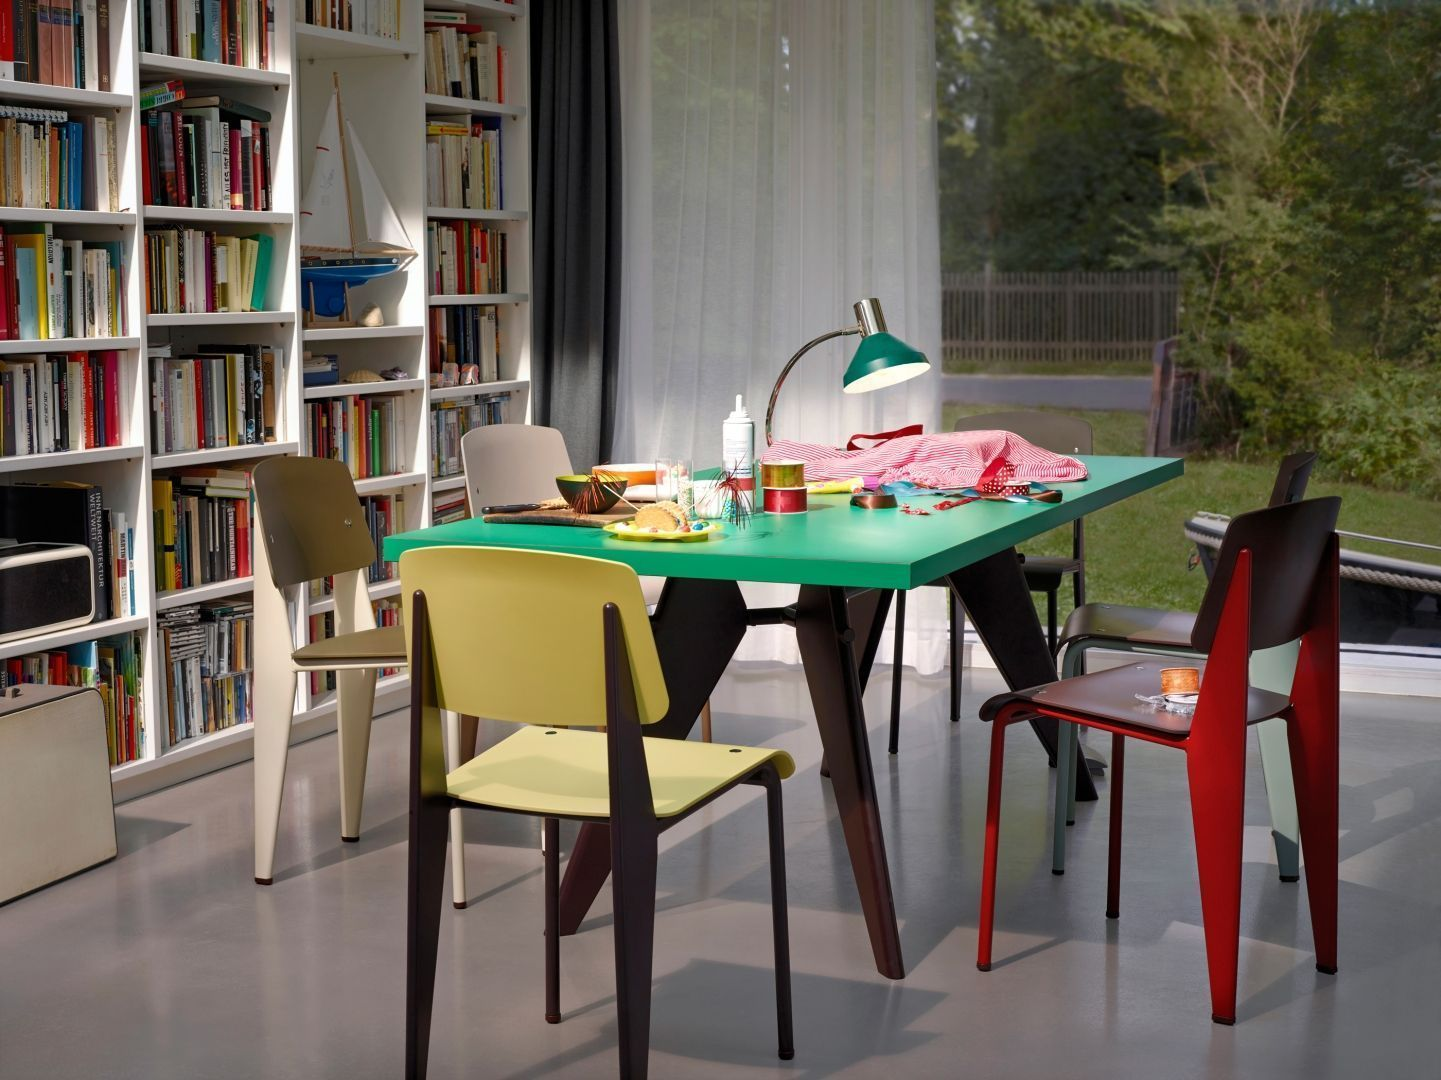 Eetkamer inspiratiefoto met Vitra Horeca stoelen